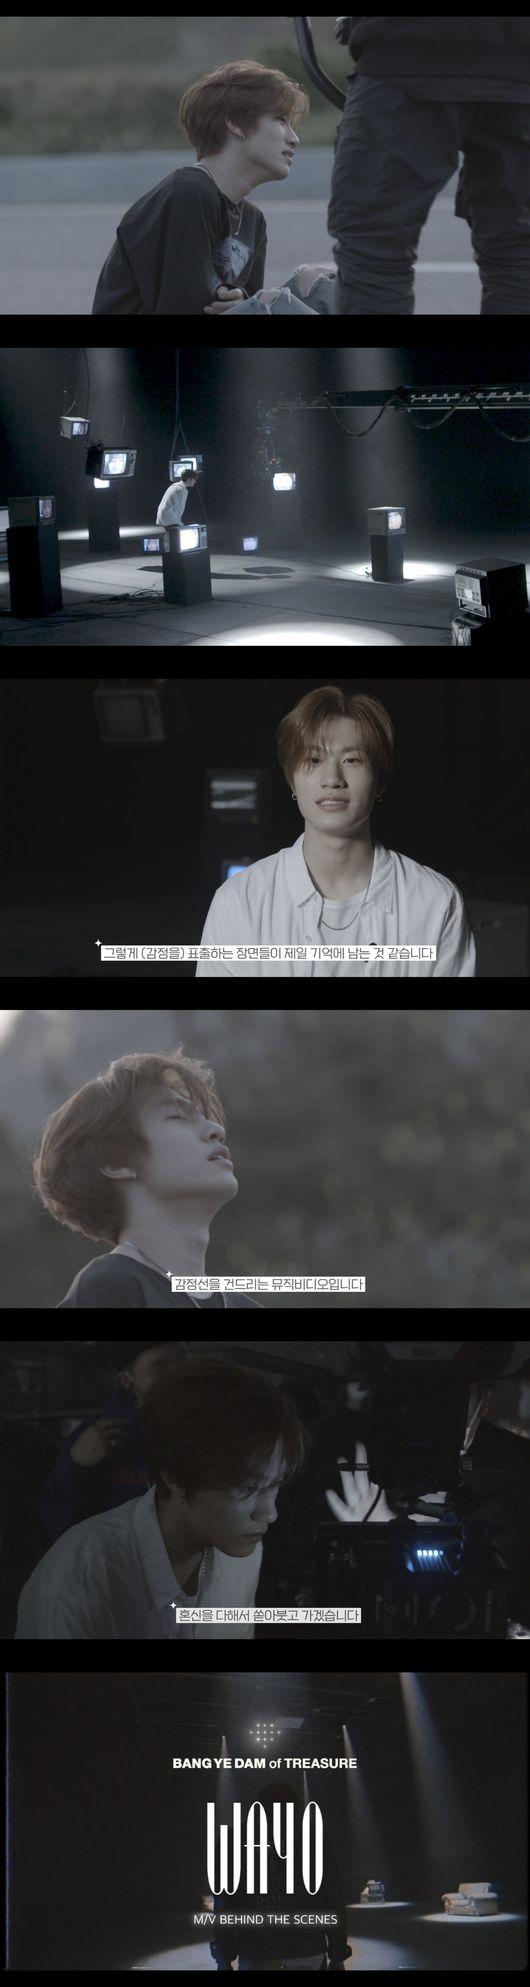 트레저 방예담, 솔로곡 '왜요' 호평 속 MV 메이킹 공개..아이튠즈 8개국 1위